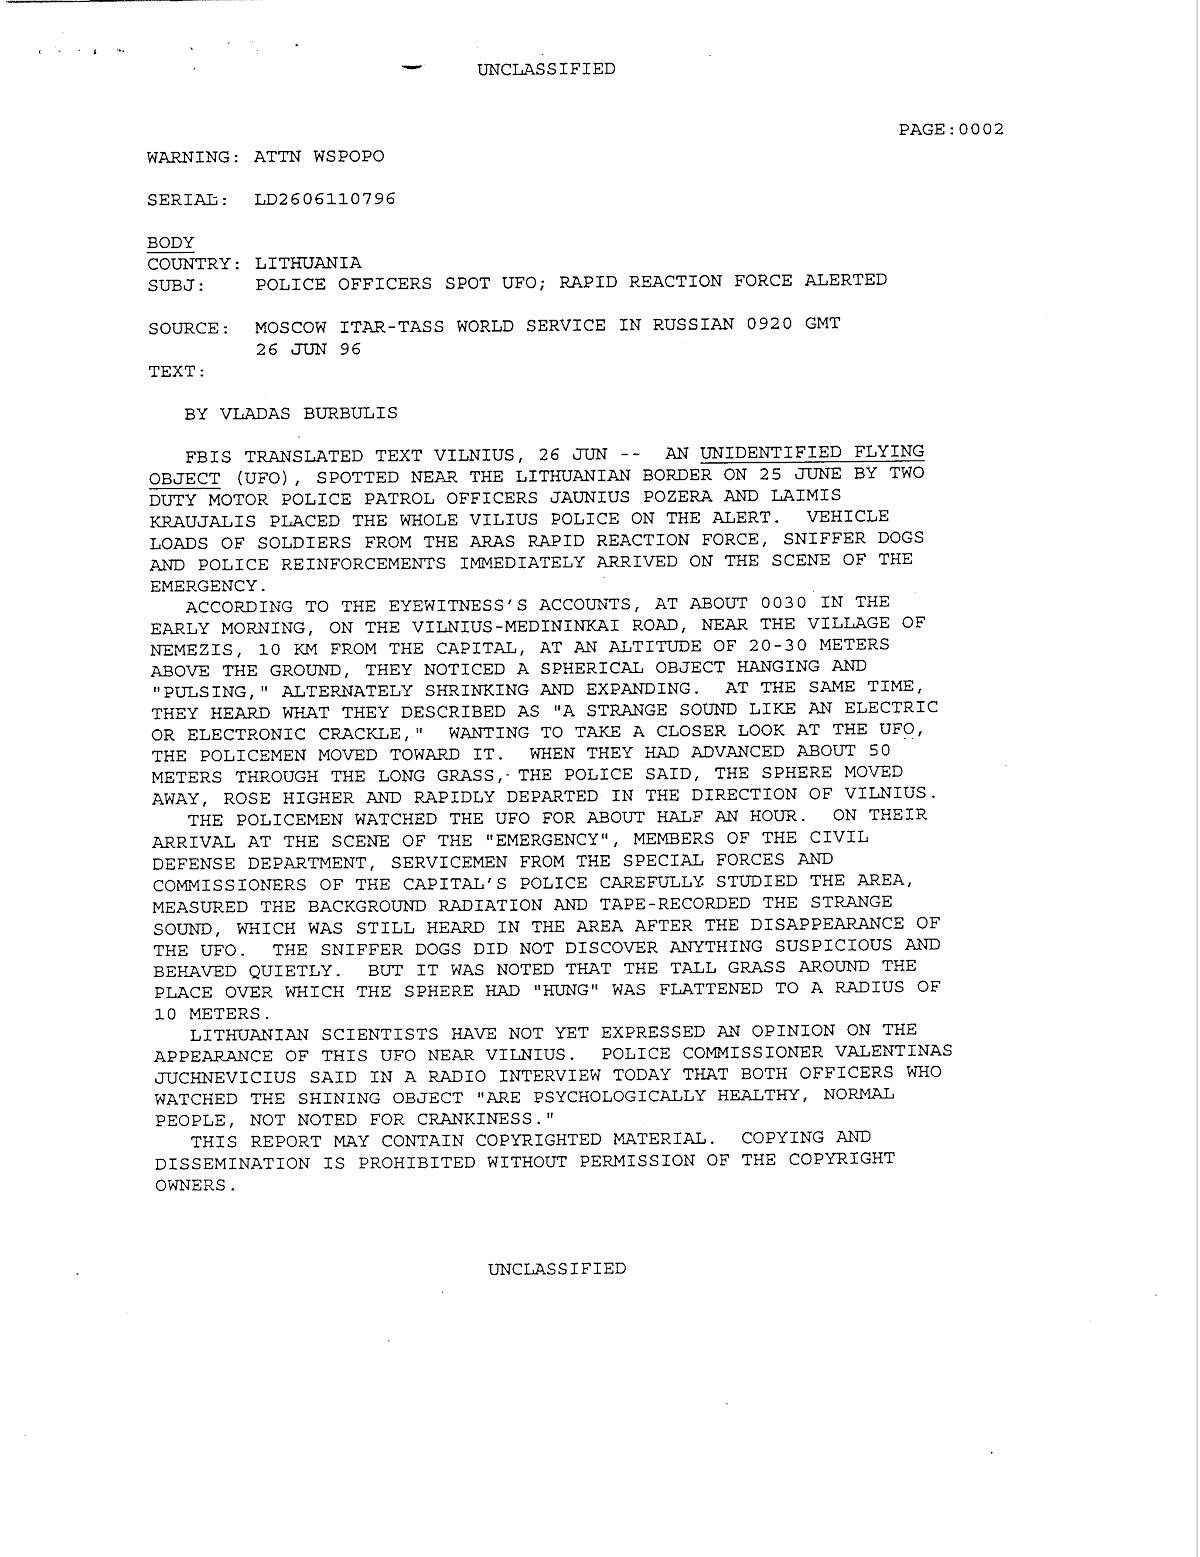 В 1996  милиция  Литвы отыскала  инопланетный НЛО